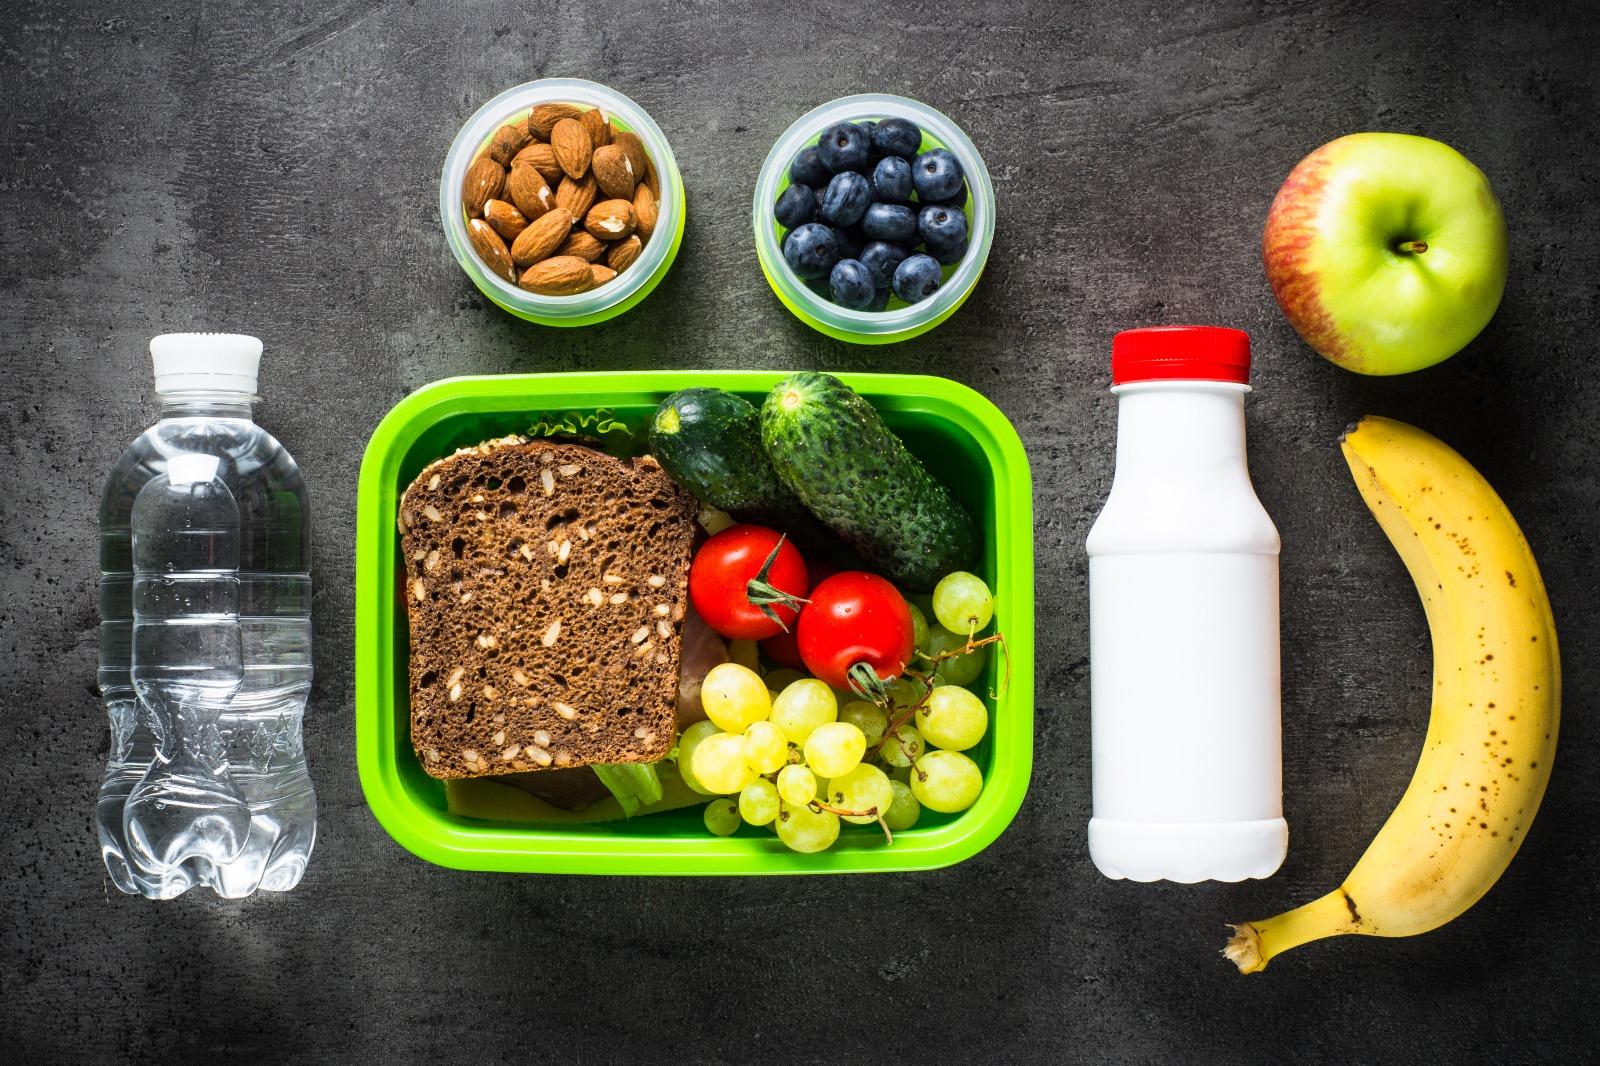 desayuno saludable para niños en el colegio